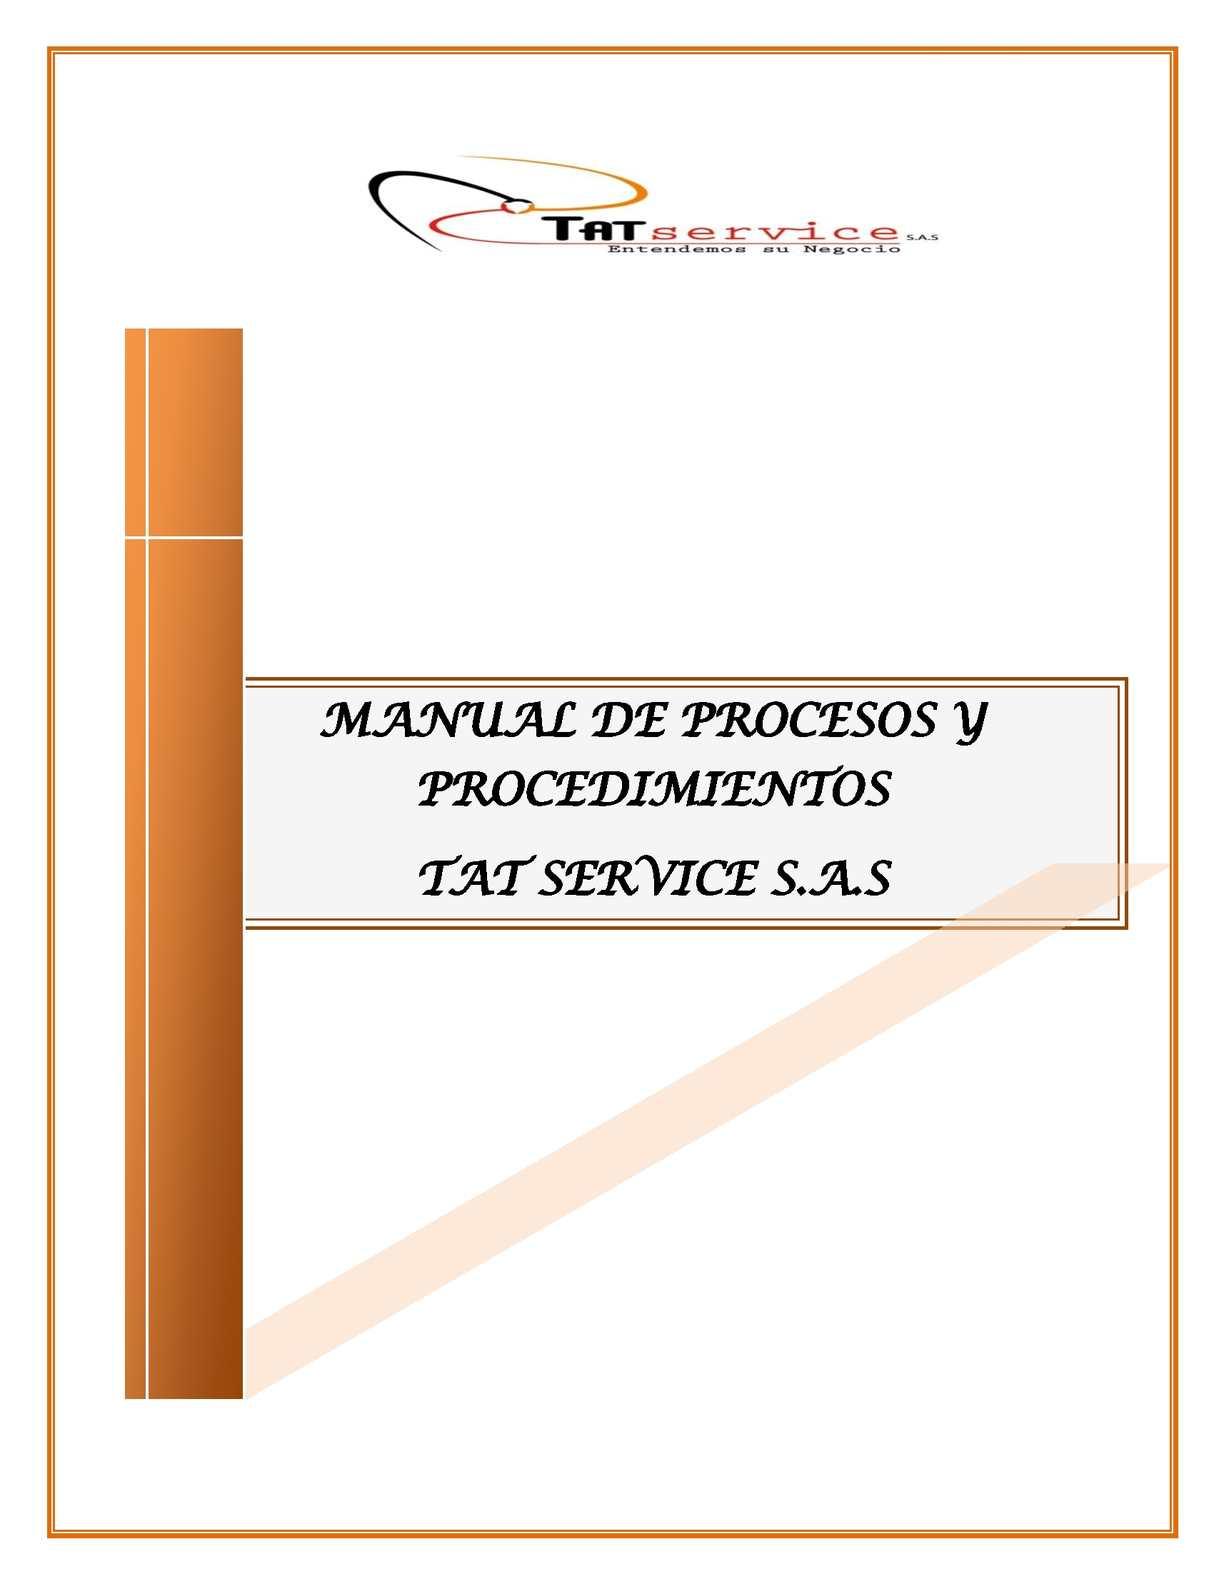 Calaméo - Manual De Procesos Y Procedimientos